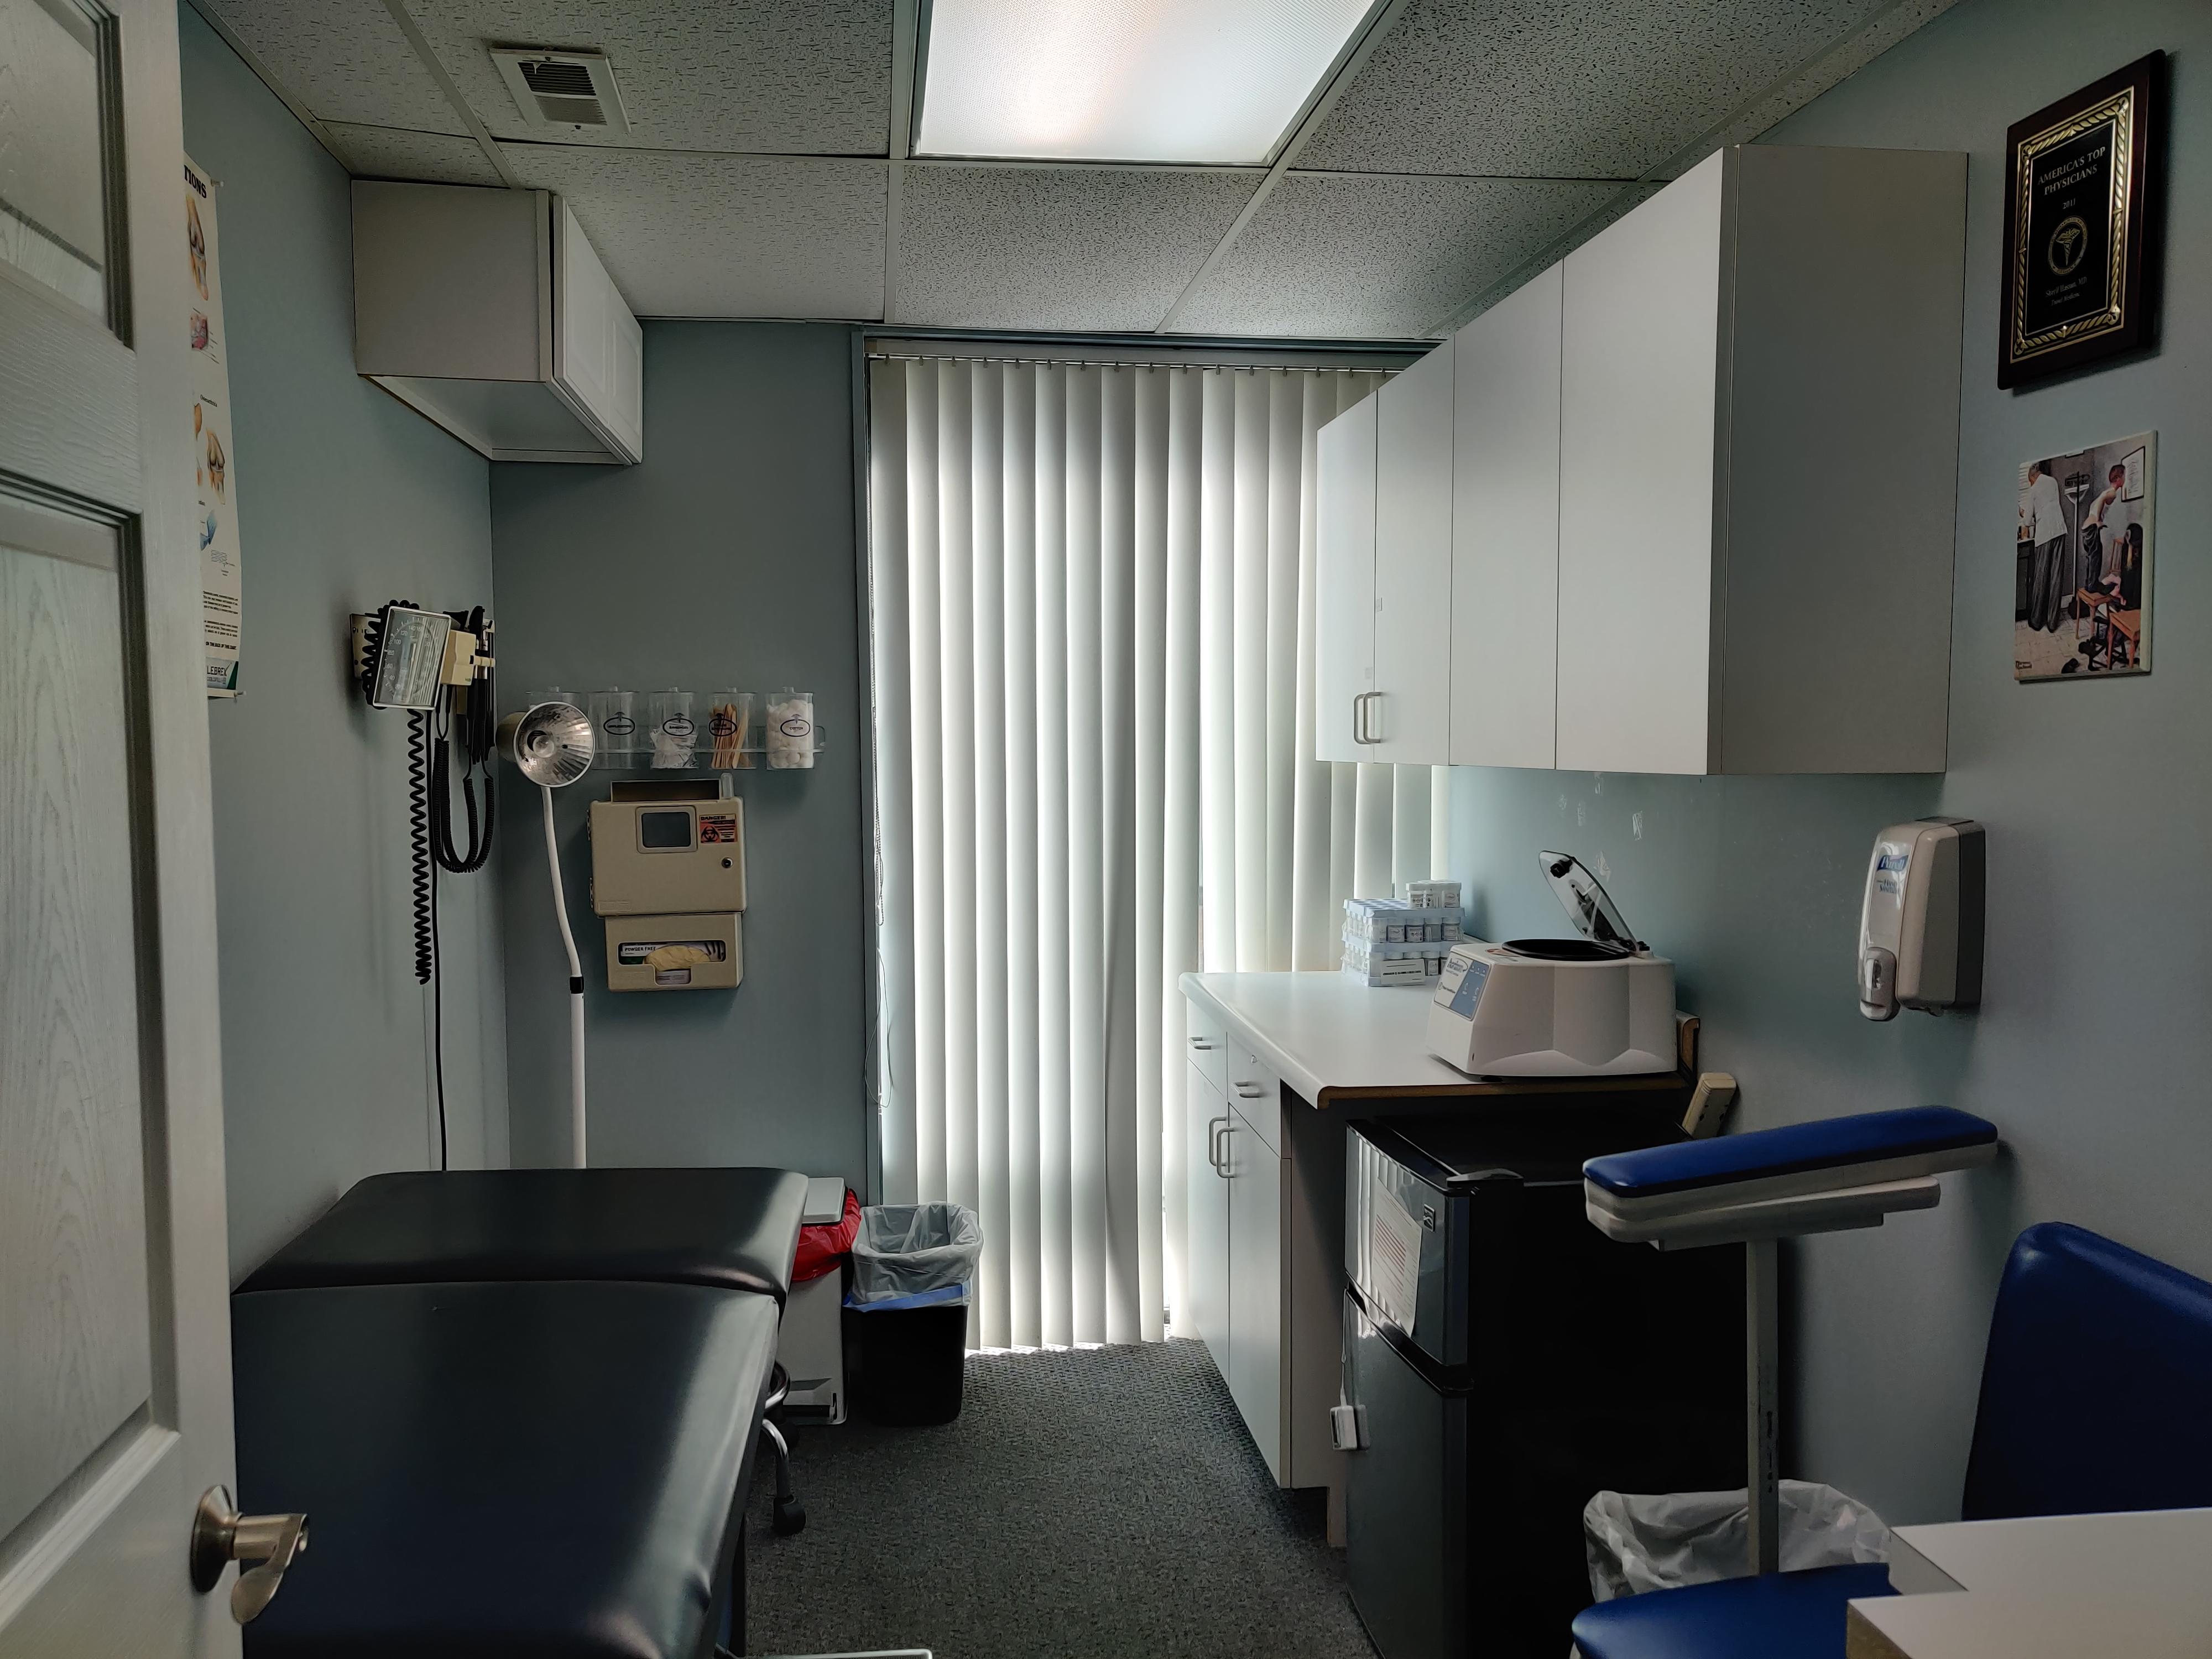 Maryland Urgent Care - Urgent Care Solv in Lanham, MD